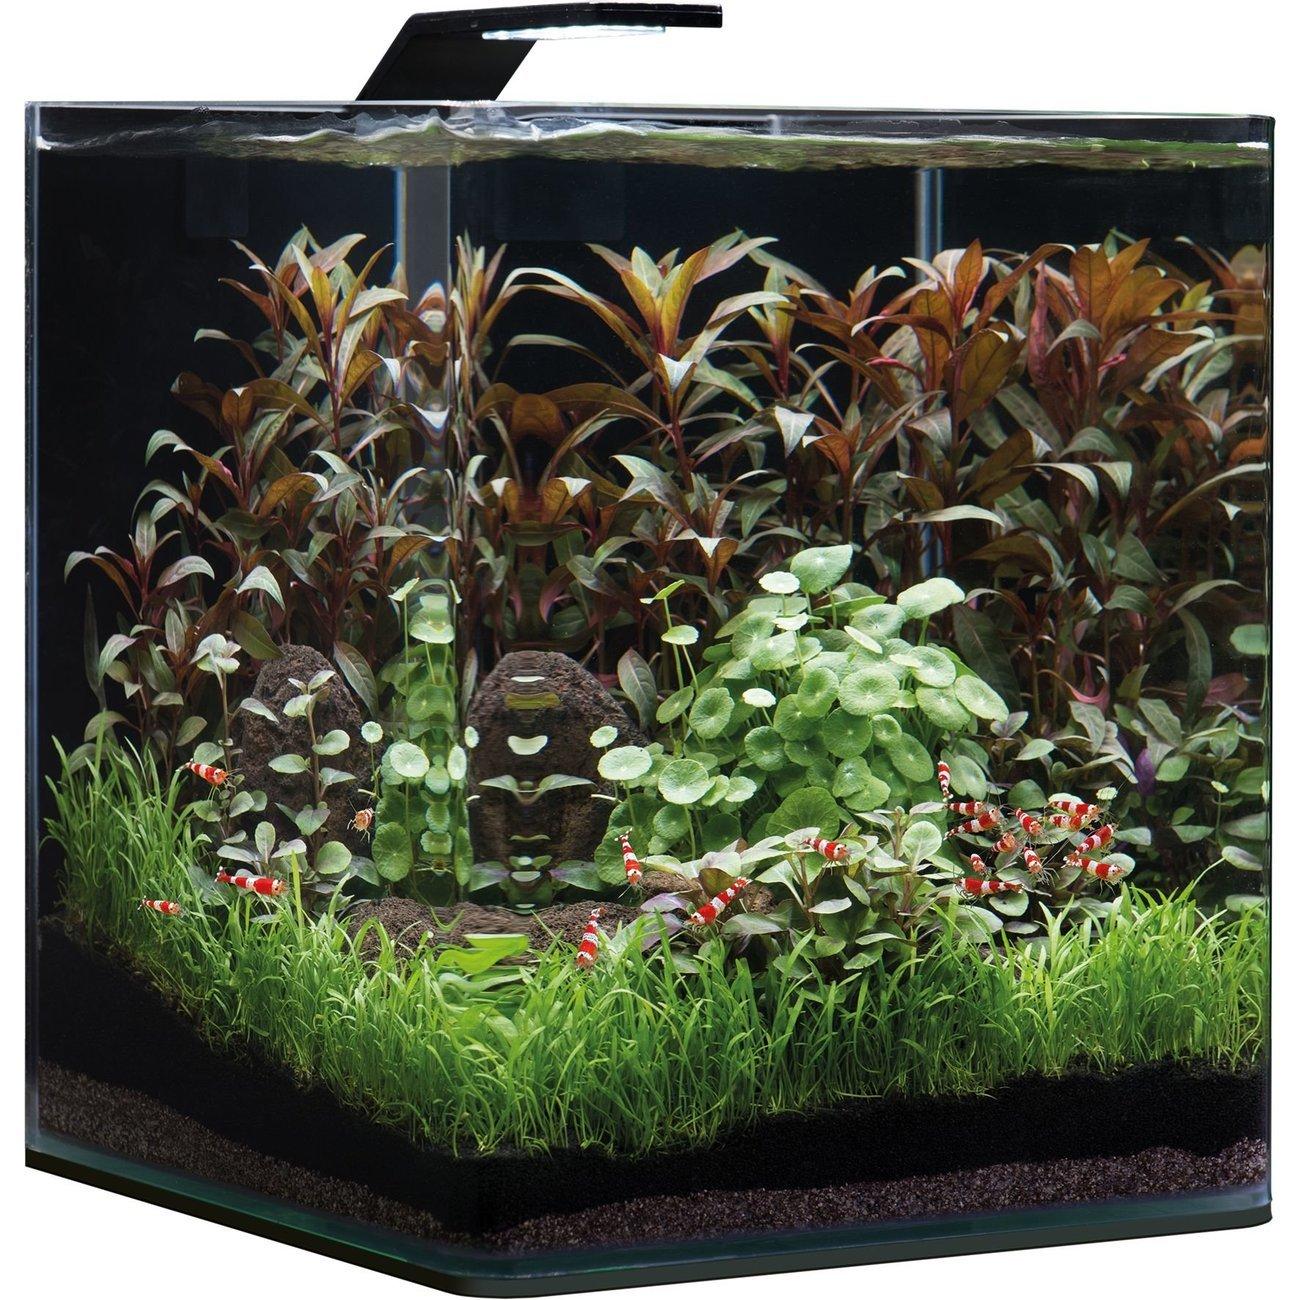 Dennerle NanoCube Basic Style LED Aquarium, Bild 6